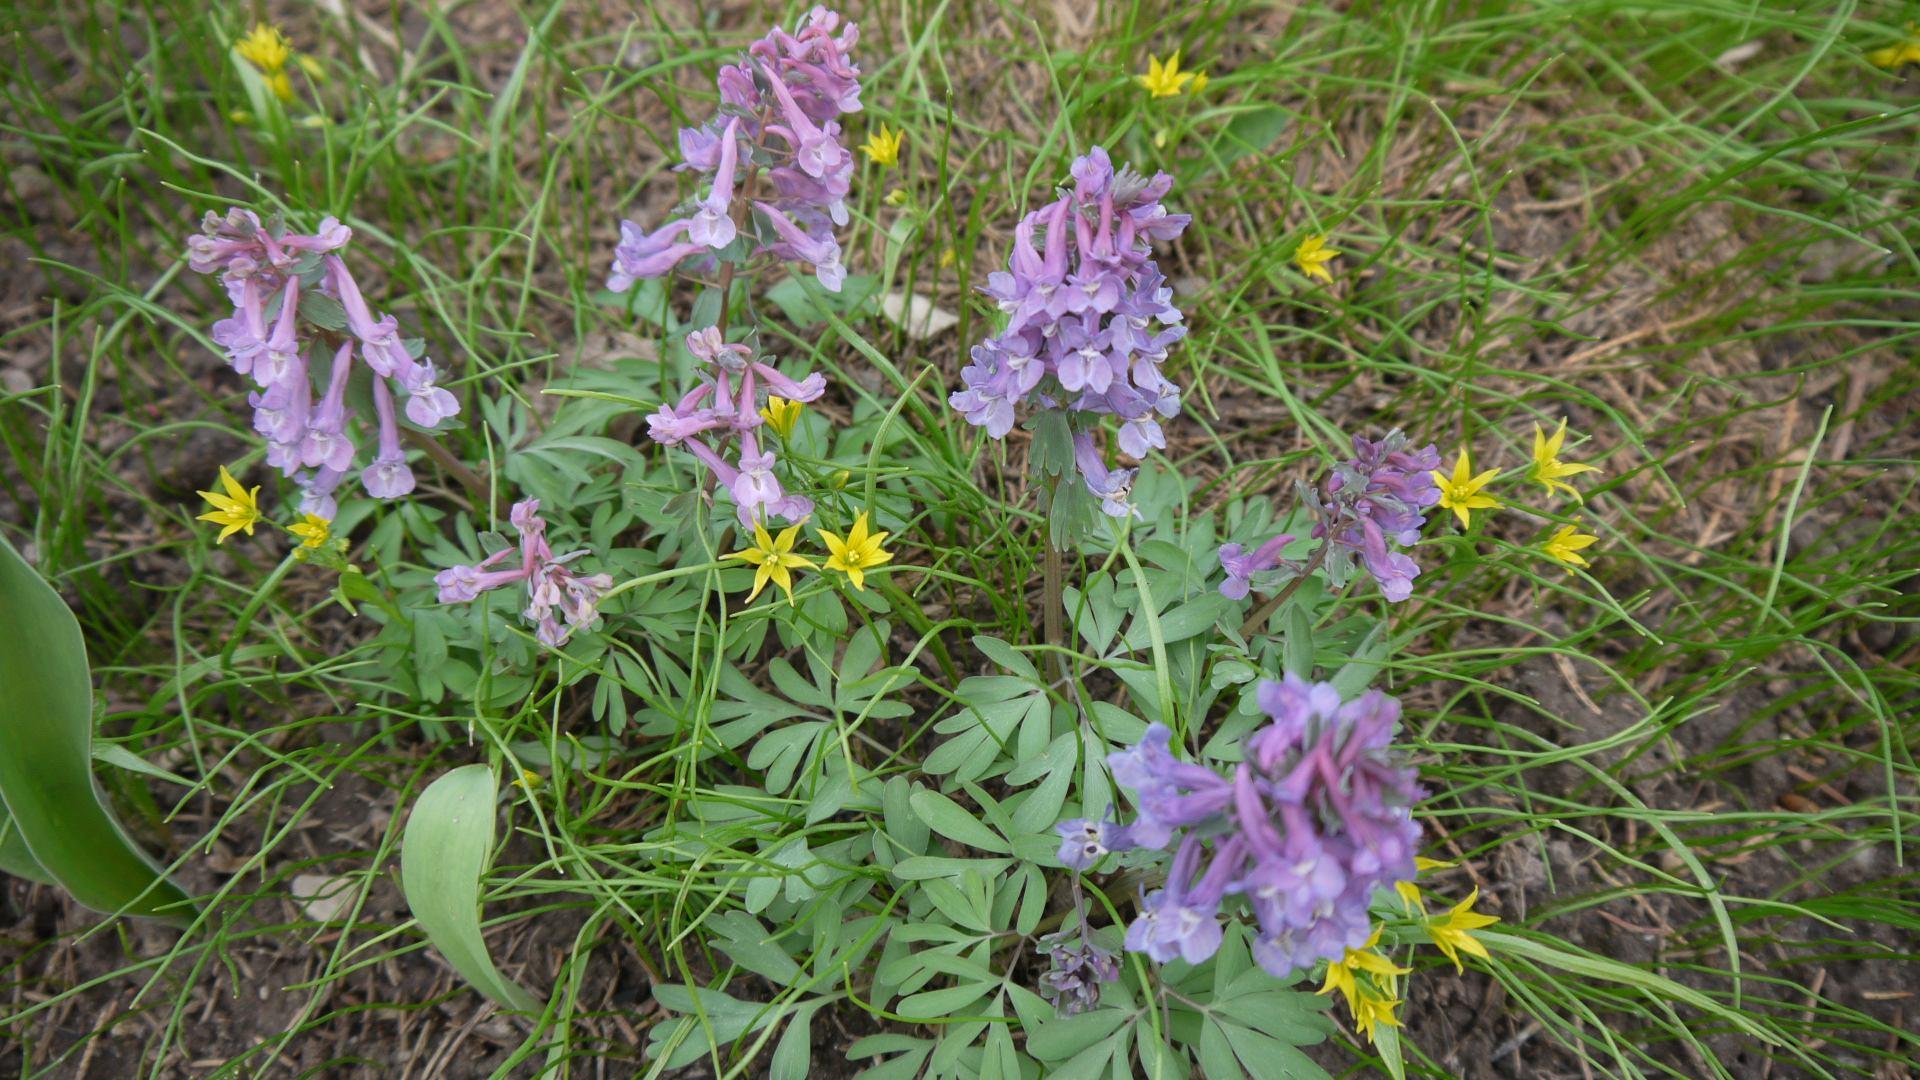 цветы на пасеке